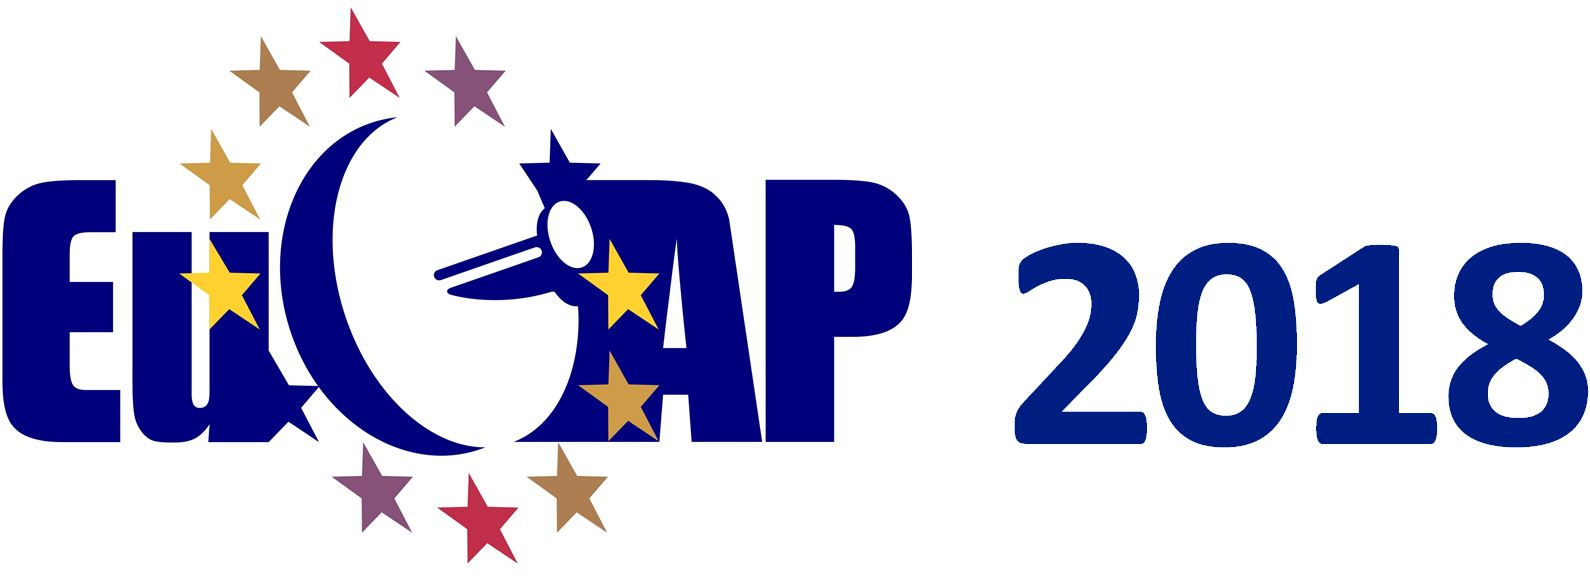 IET EuCAP 2018.JPG